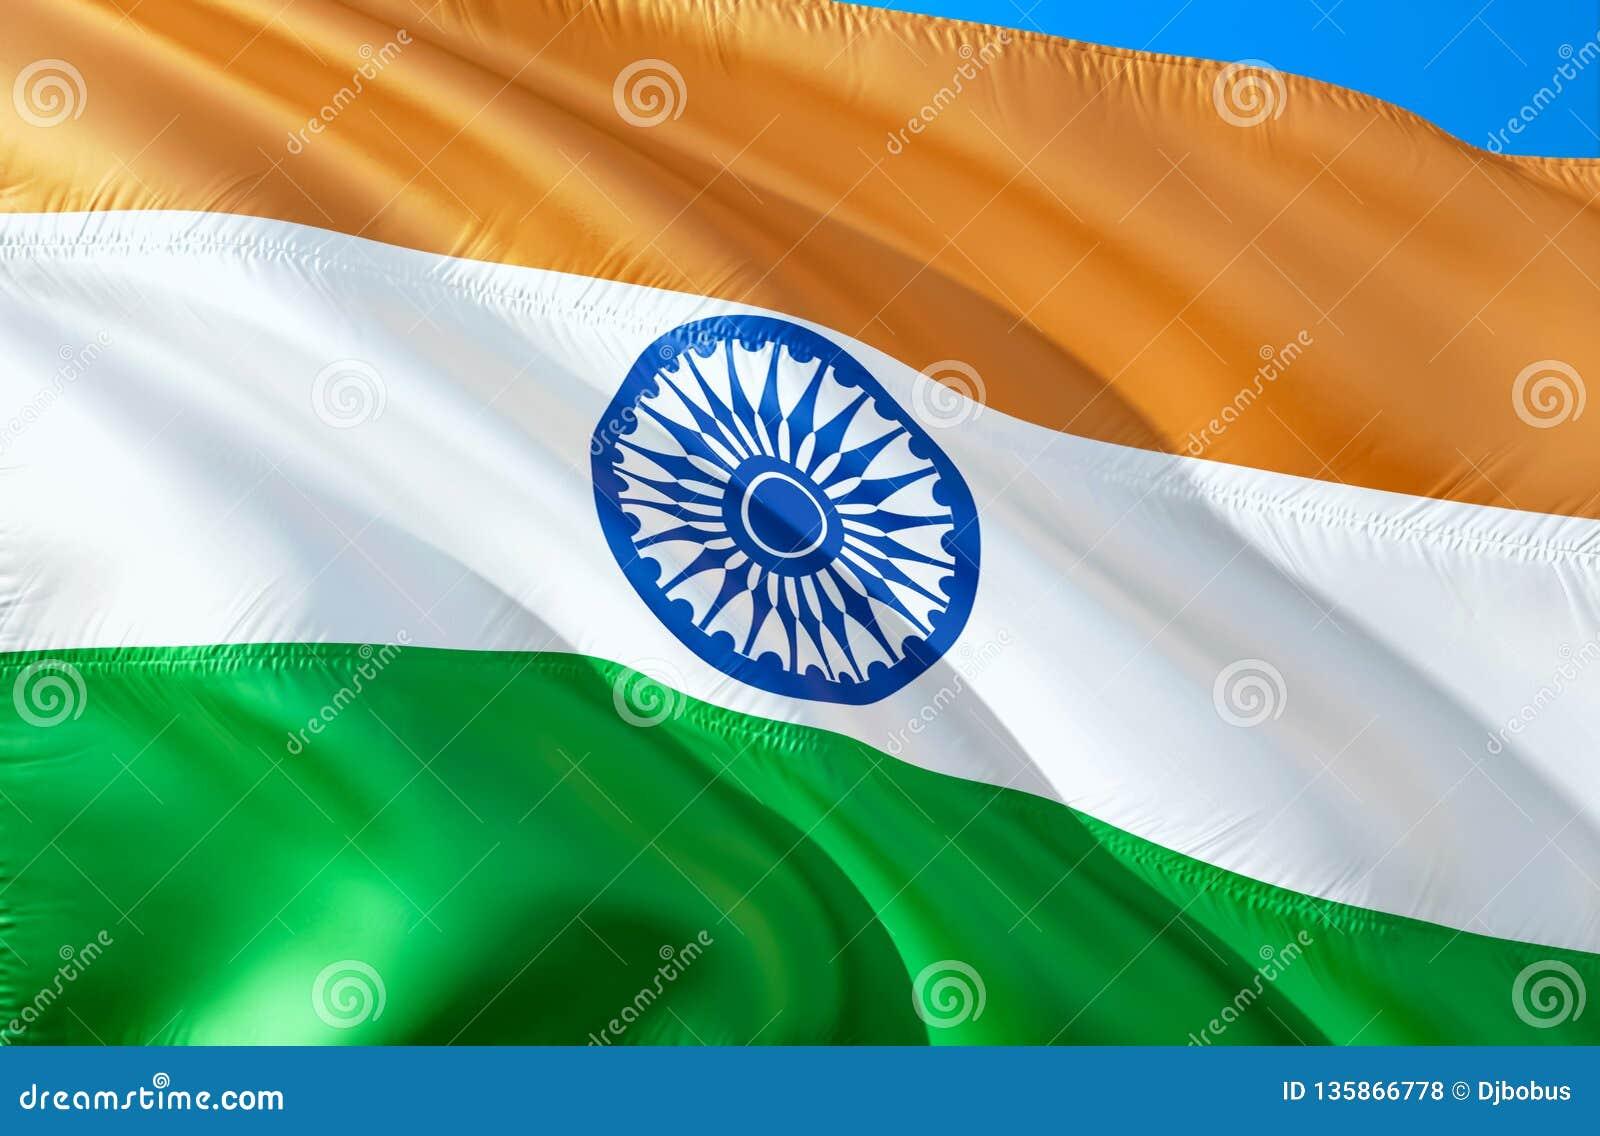 印第安标志 3D挥动的旗子设计 印度的国家标志,3D翻译 印度全国颜色 印度3D挥动的标志